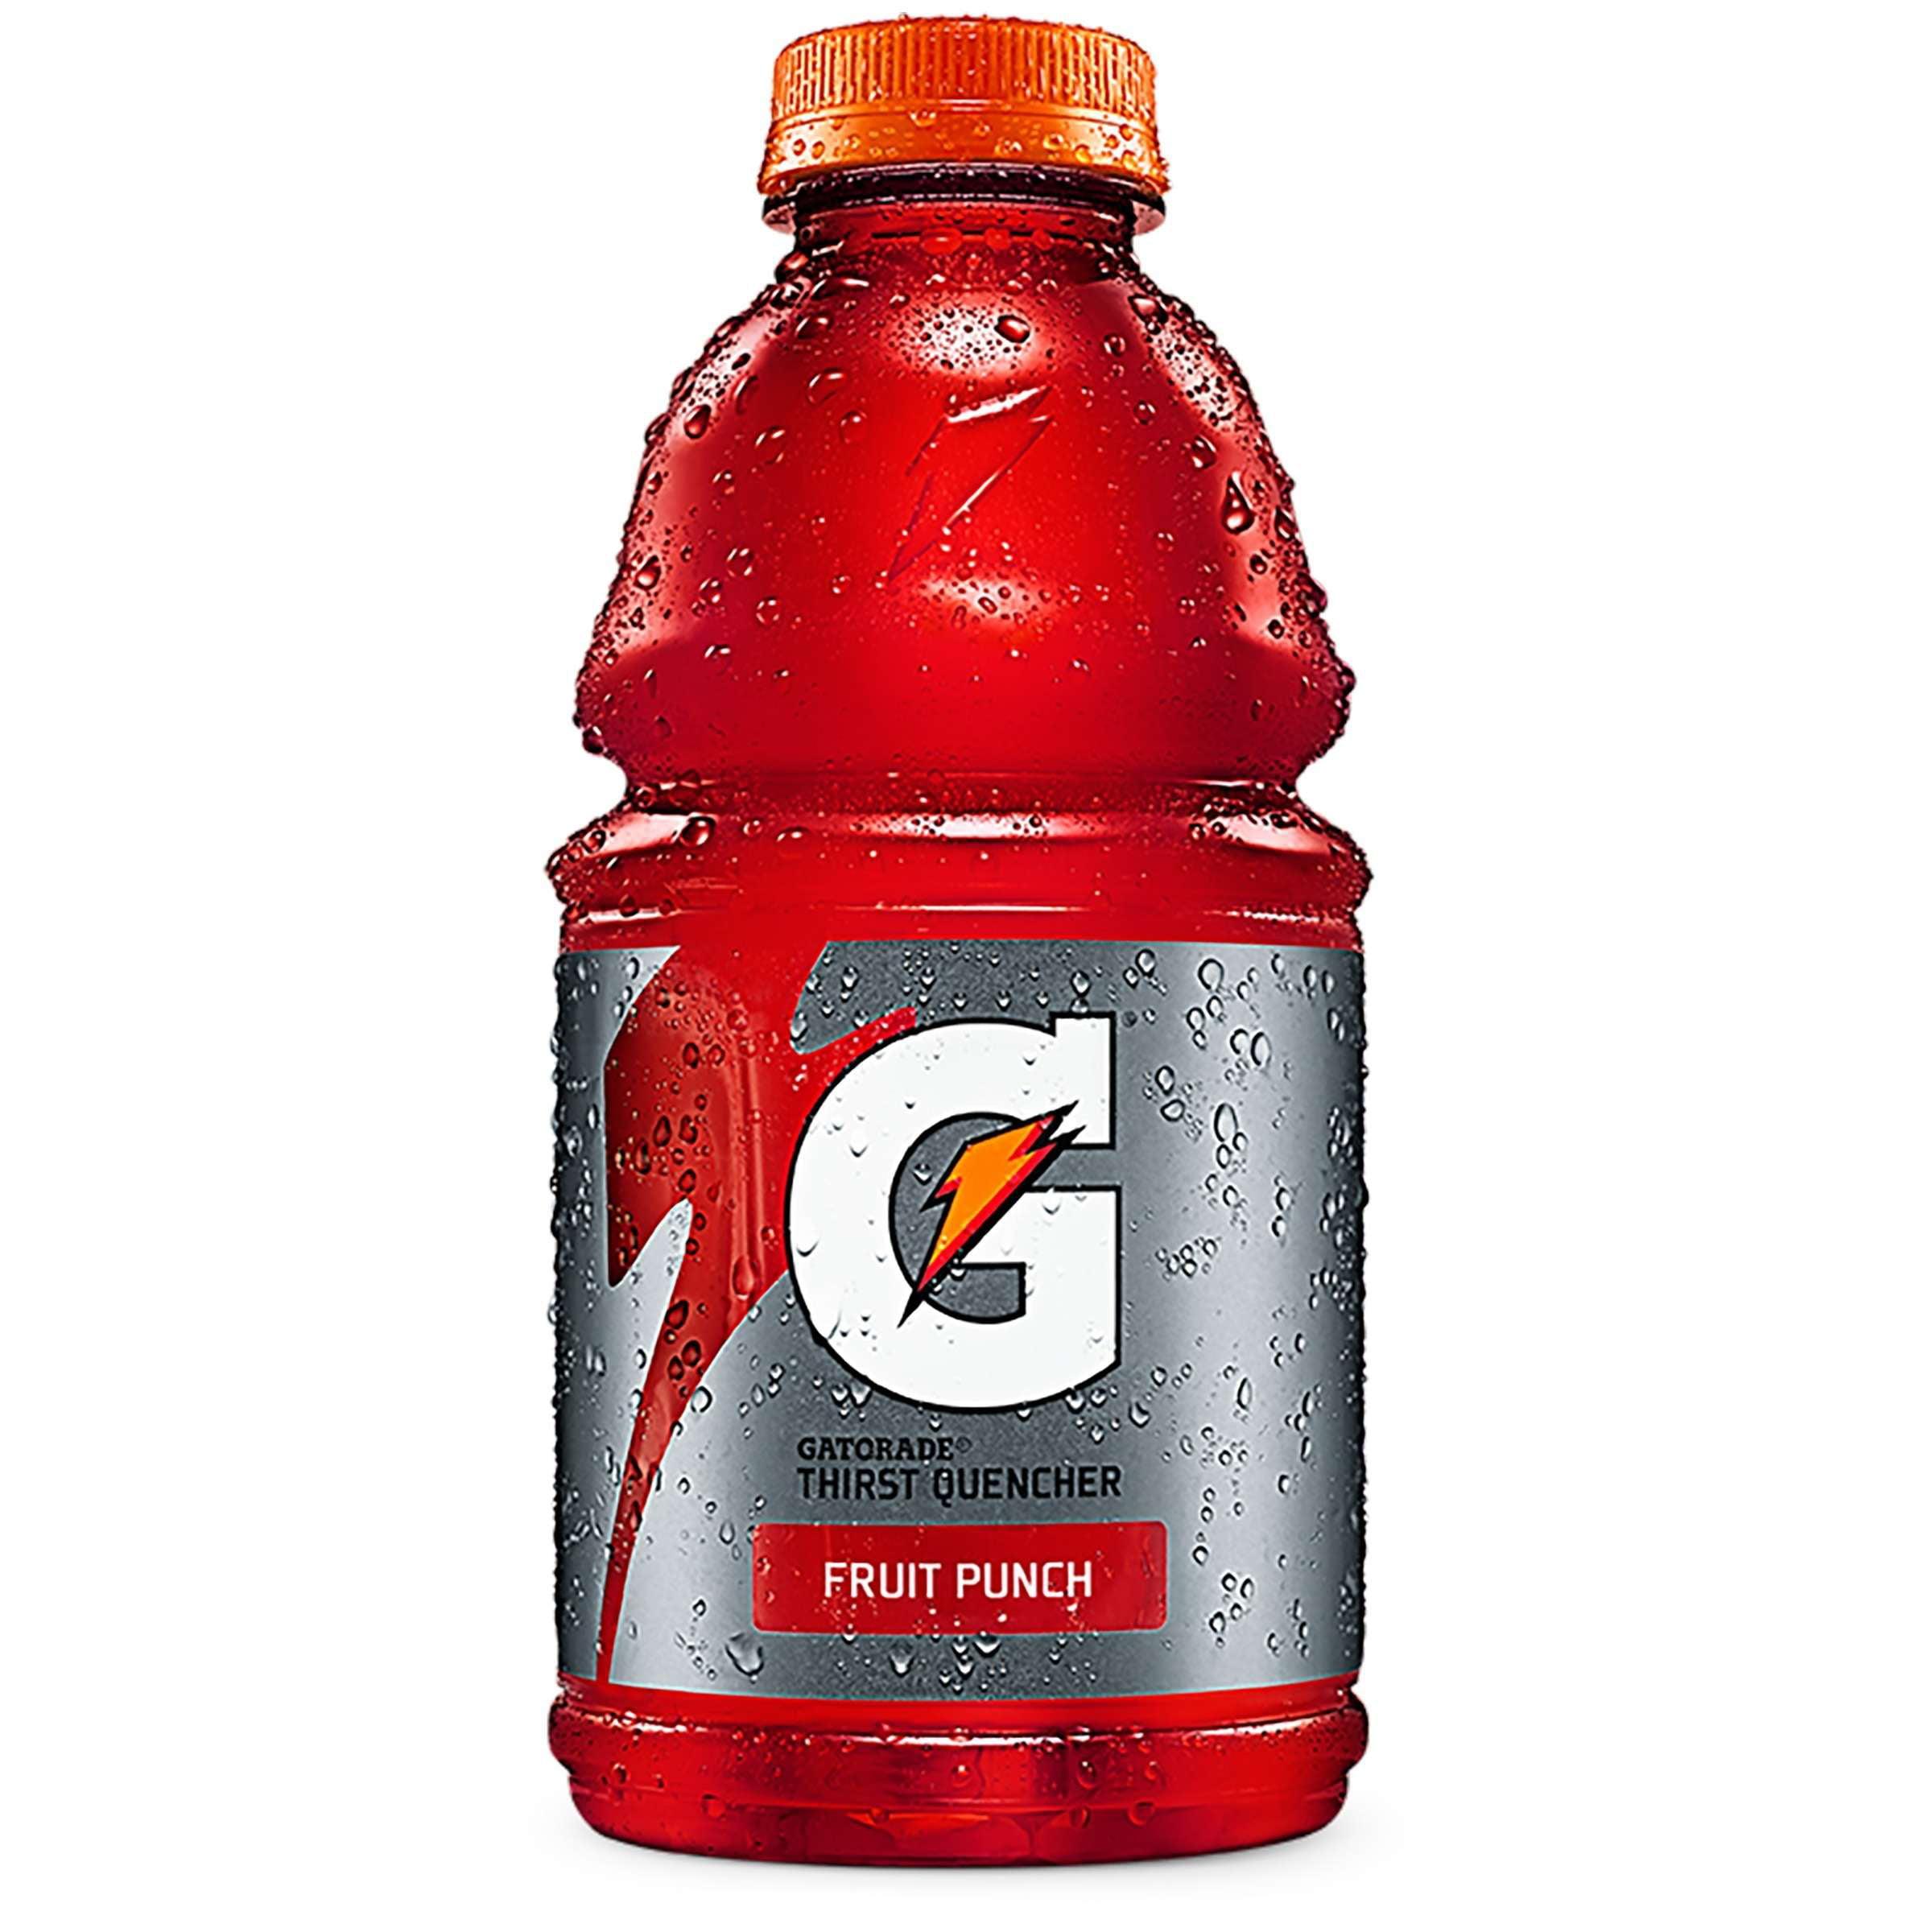 Gatorade Thirst Quencher Sports Drink, Fruit Punch, 32 Fl Oz